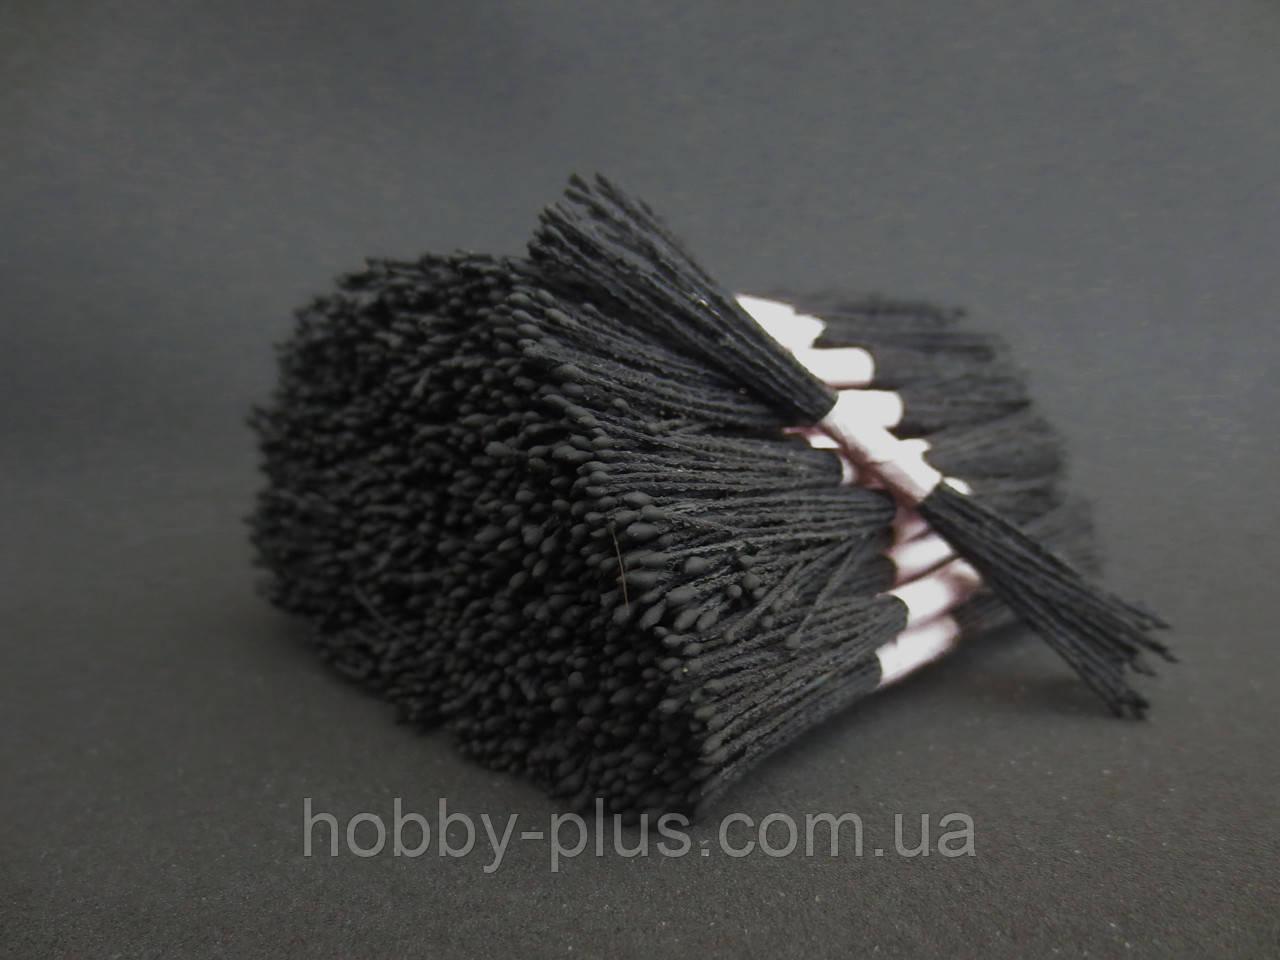 Тайские тычинки, ЧЕРНЫЕ, супер-мелкие на черной нити, 23-25 нитей, 50 головок